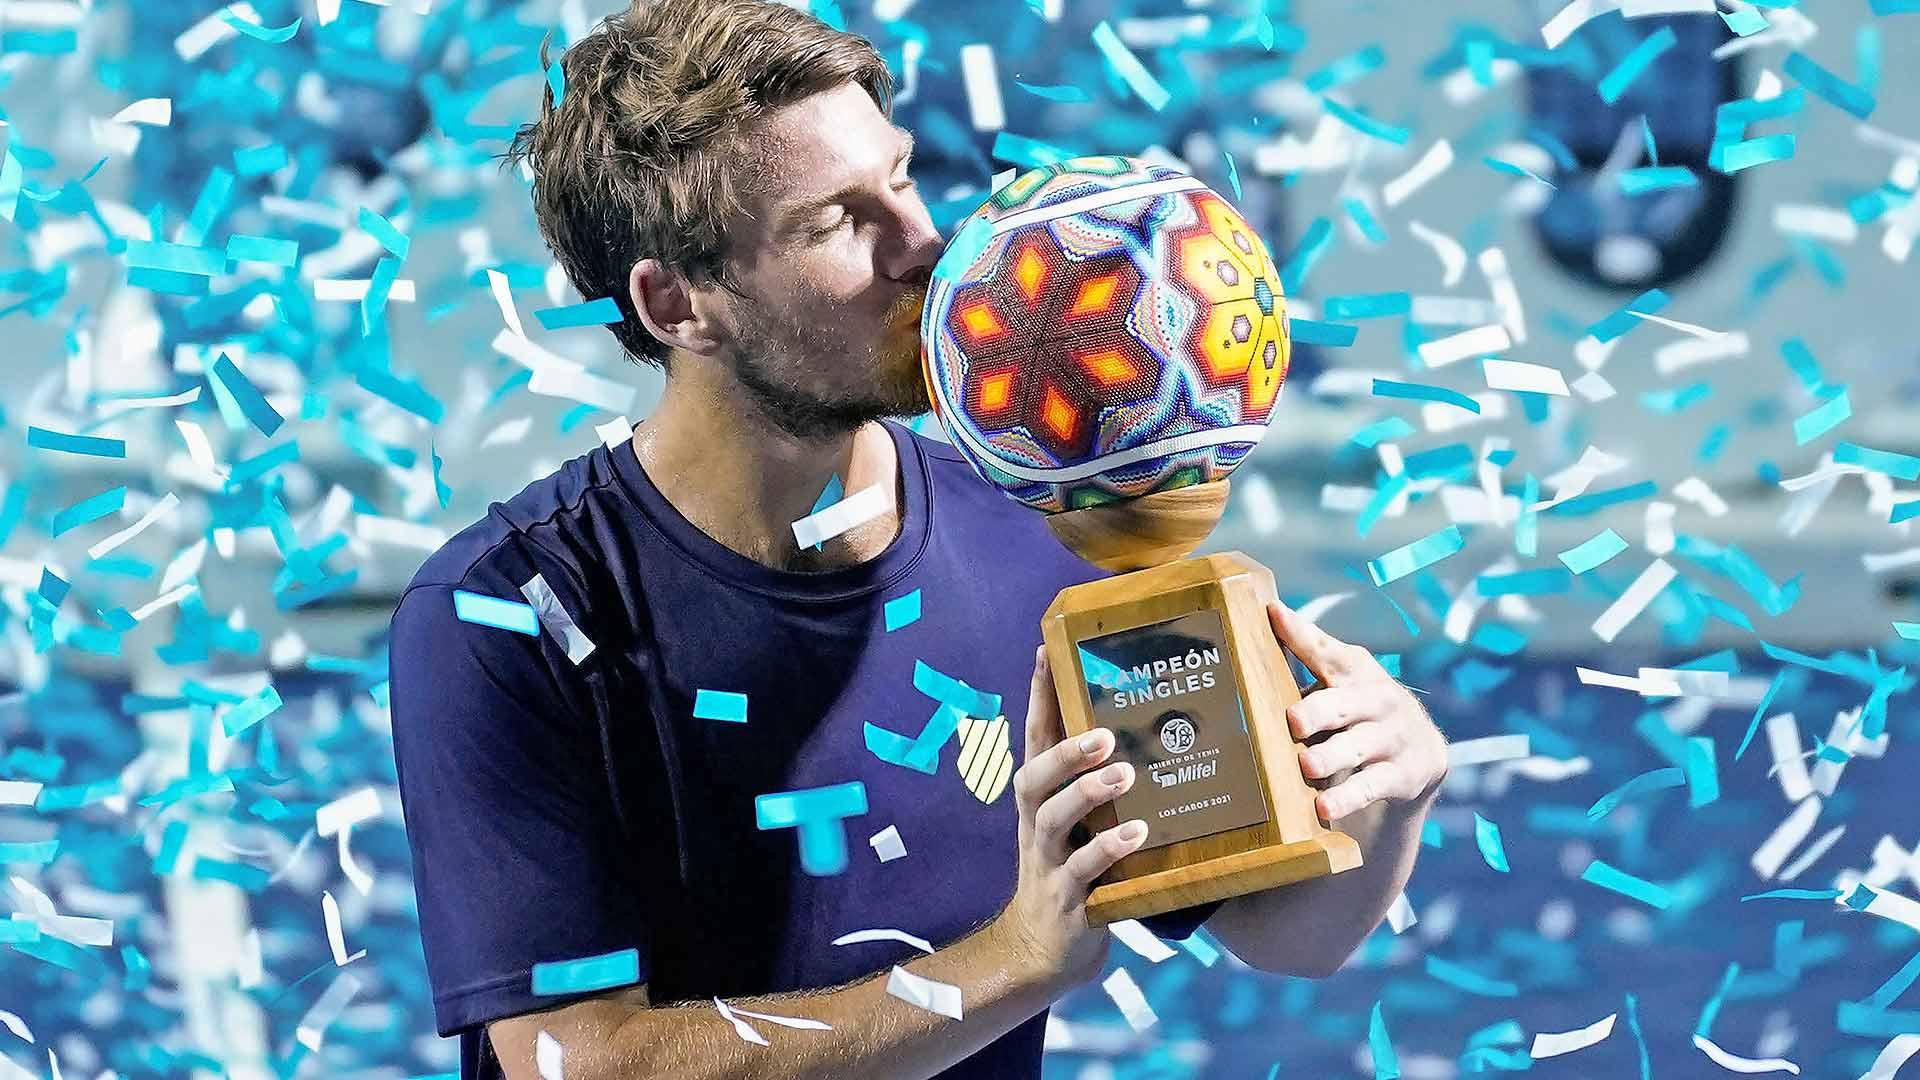 norrie los cabos 2021 trophy - Los Cabos: Zaslužil si je! Prvi ATP naslov v karieri za Norrieja!